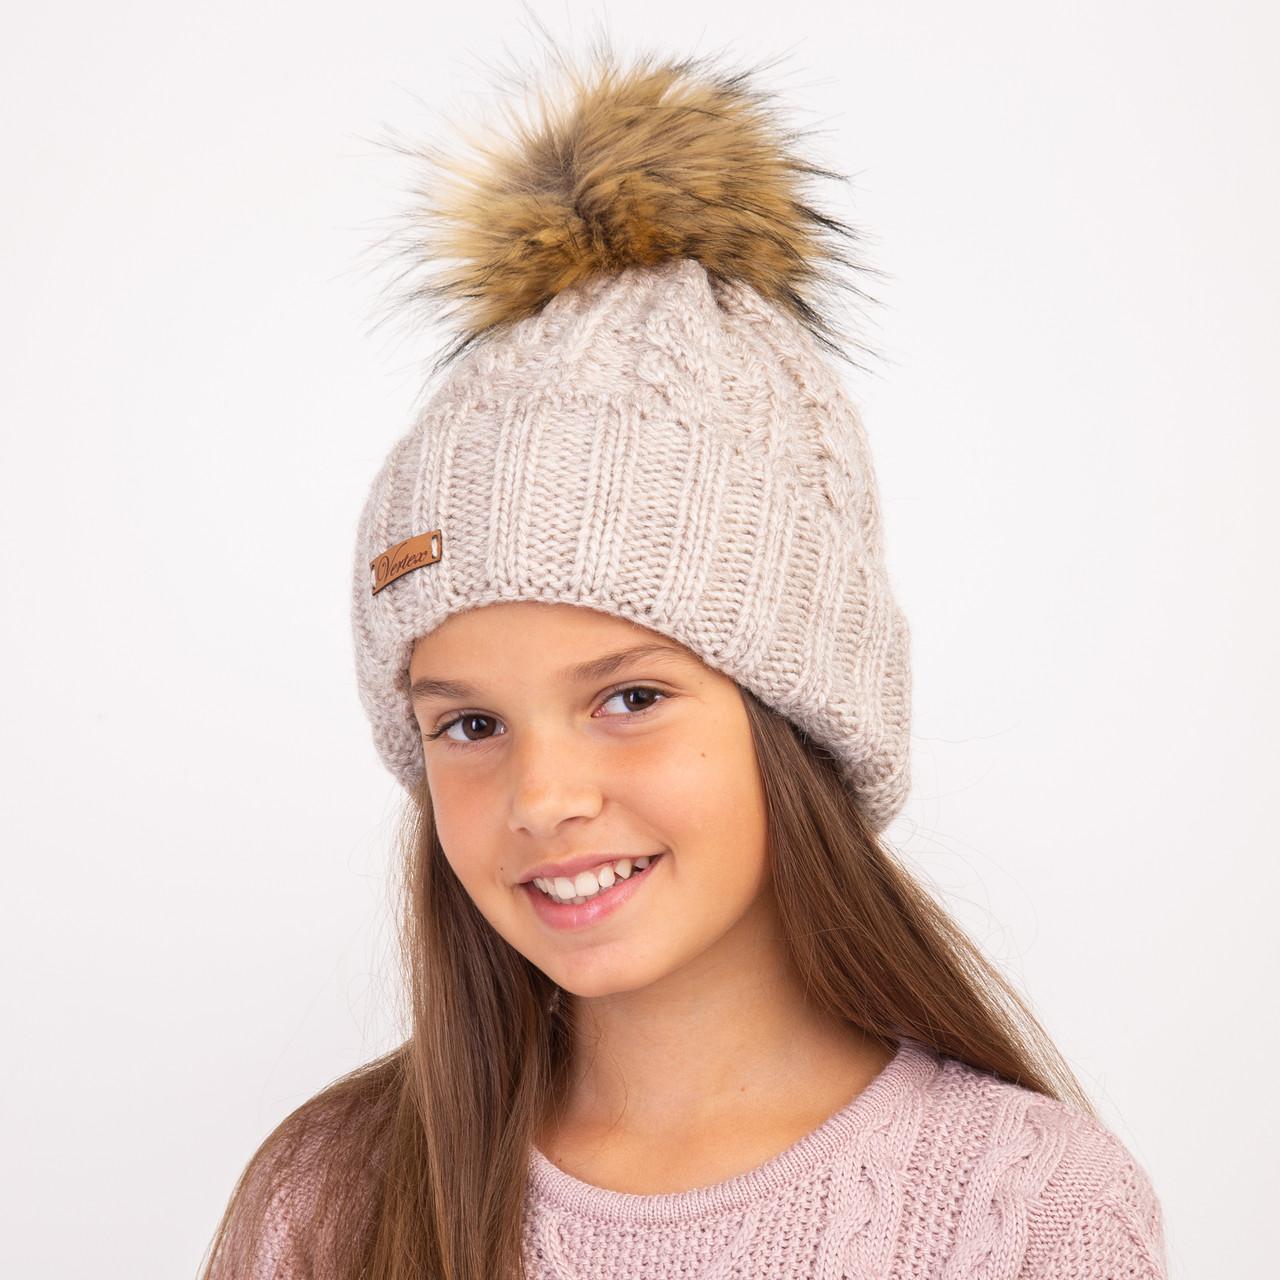 Зимняя шапка с меховым помпоном для девочек оптом - Артикул 2306